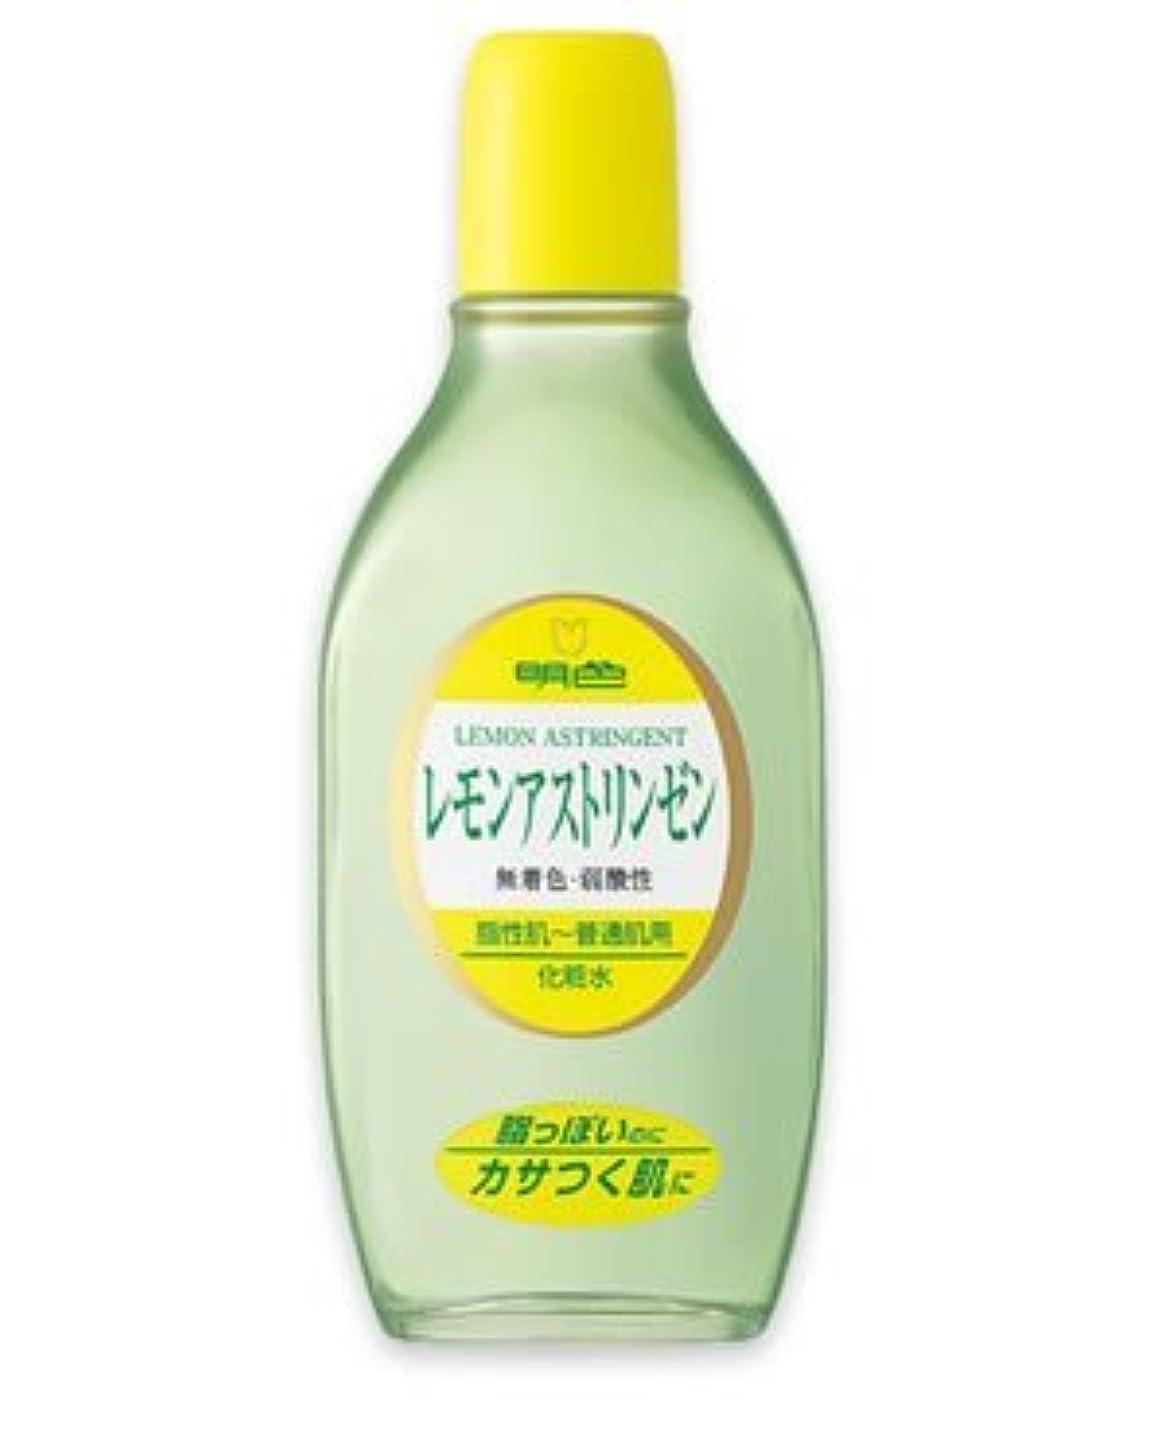 行列大胆不敵定義(明色)レモンアストリンゼン 170ml(お買い得3本セット)